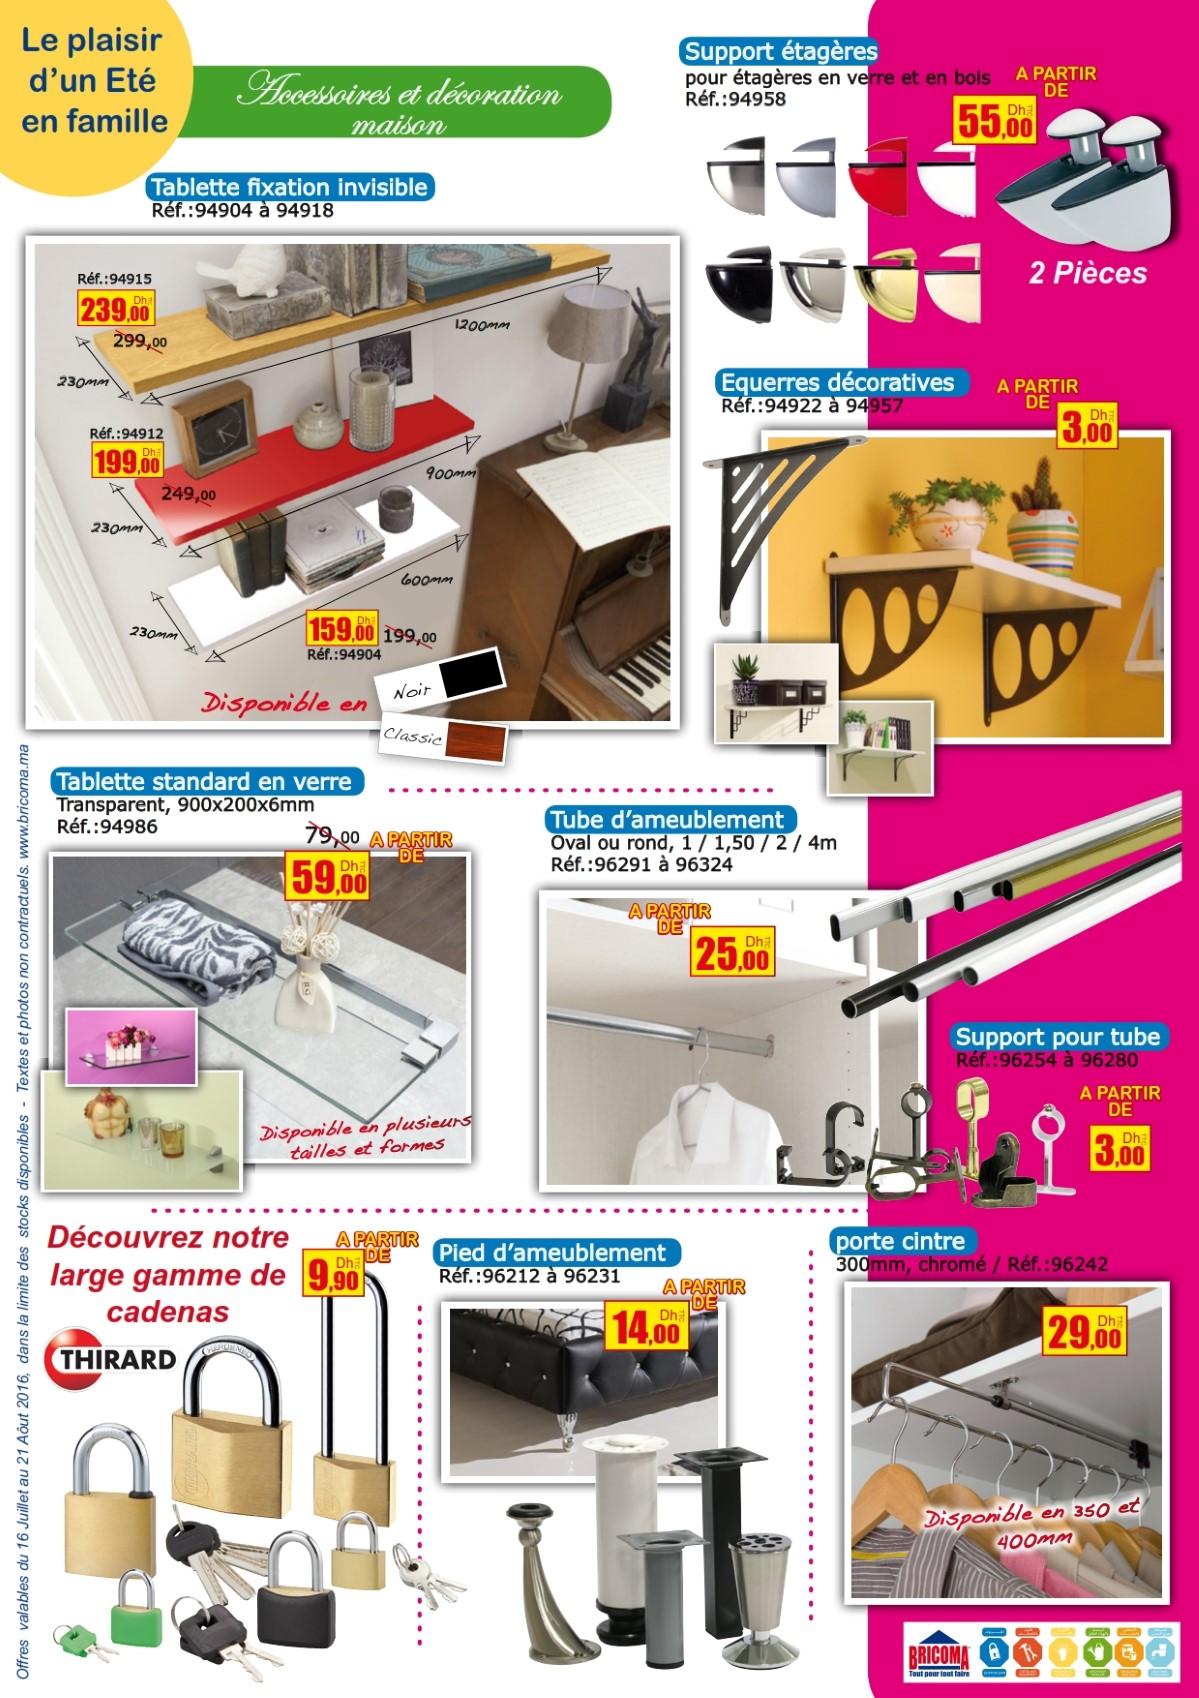 brochure_N_47_interactif_014